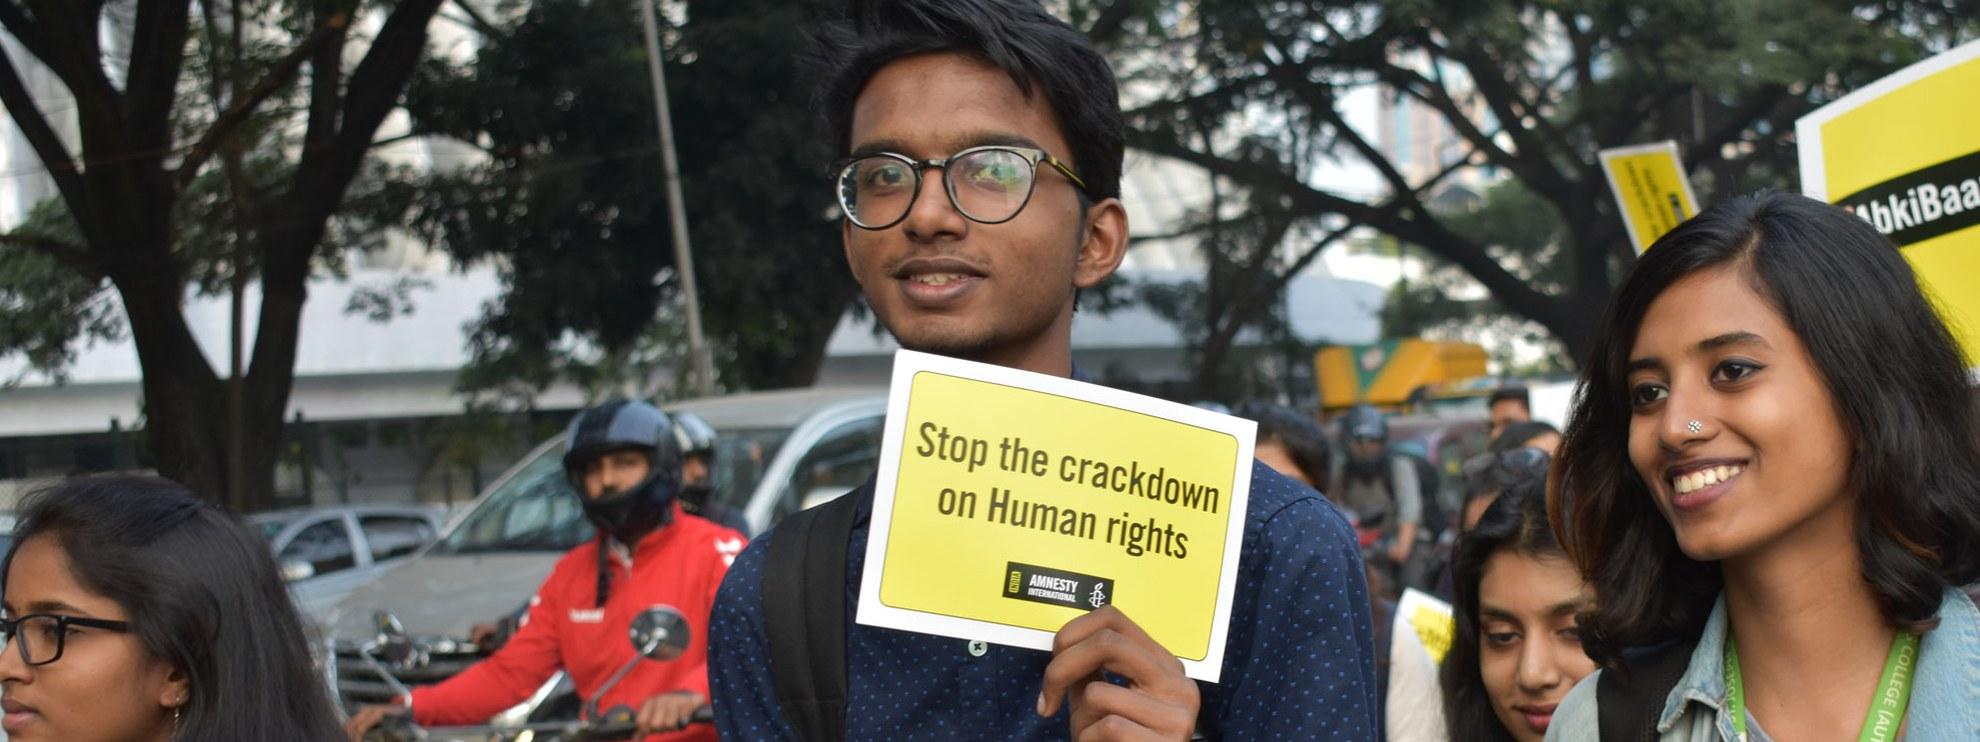 Marsch für Menschenrechte in Bangalore, Indien, am Tag der Menschenrechte, 10. Dezember 2018. © AI India